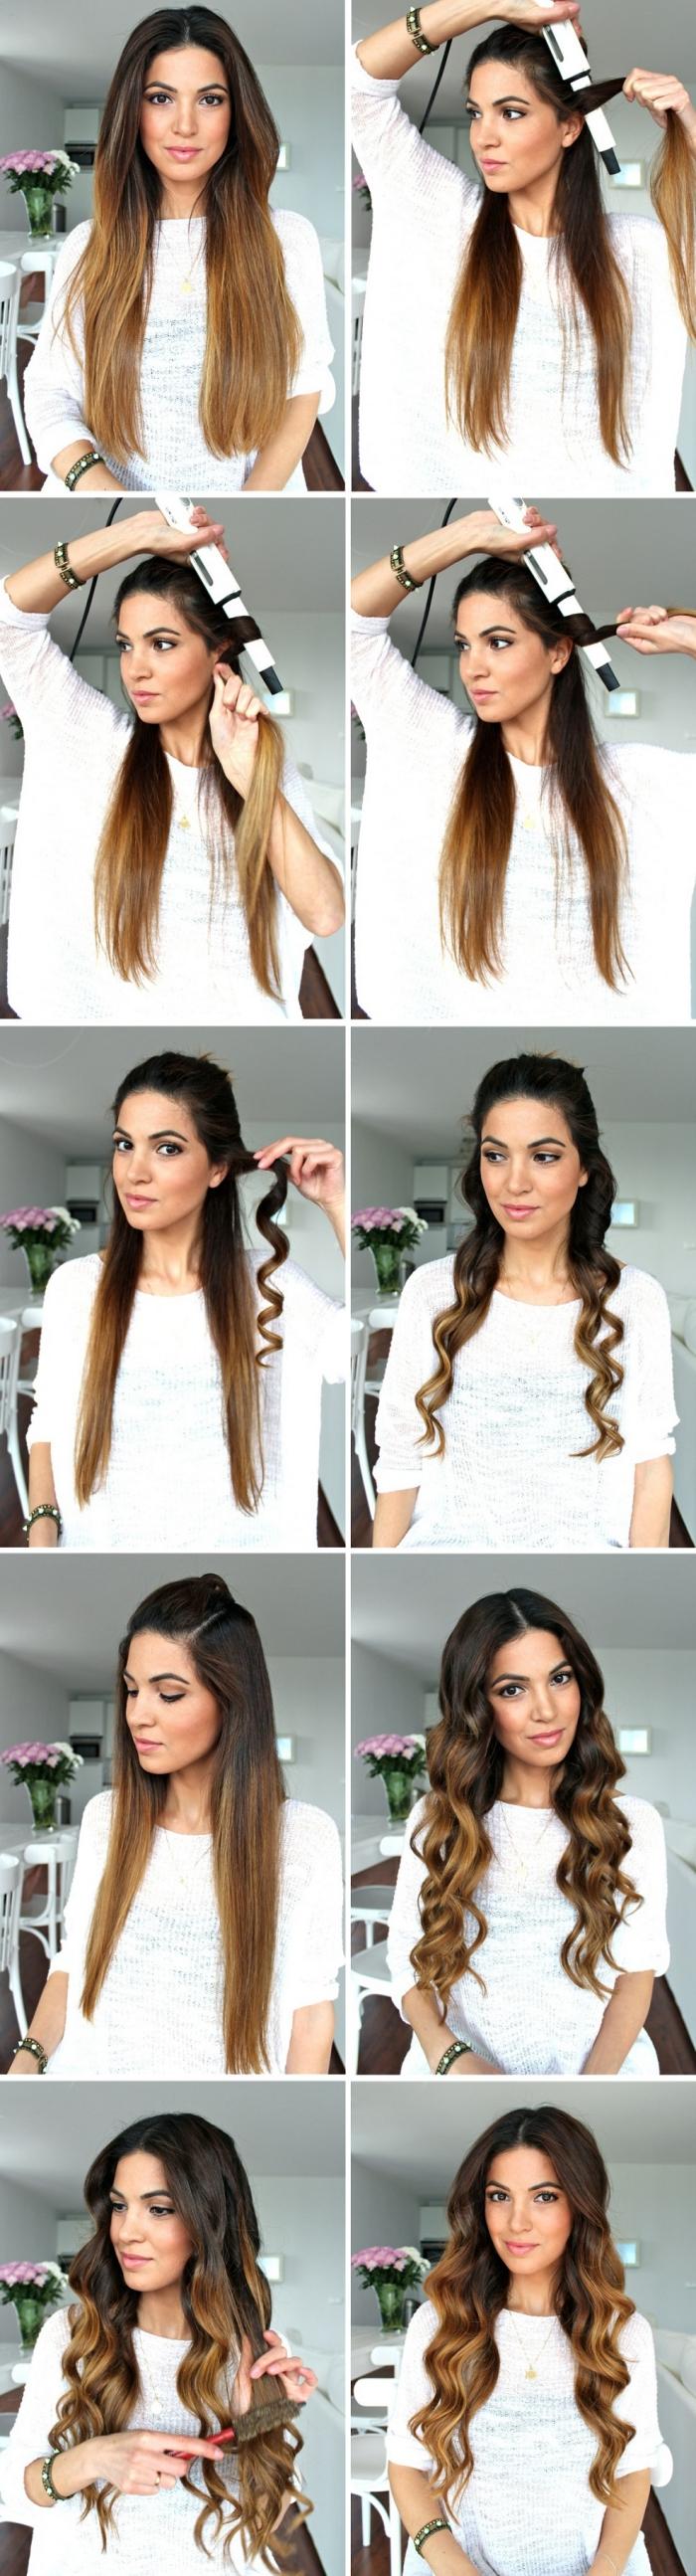 coupe de cheveux femme, faire une coiffure simple sur cheveux longs avec boucles